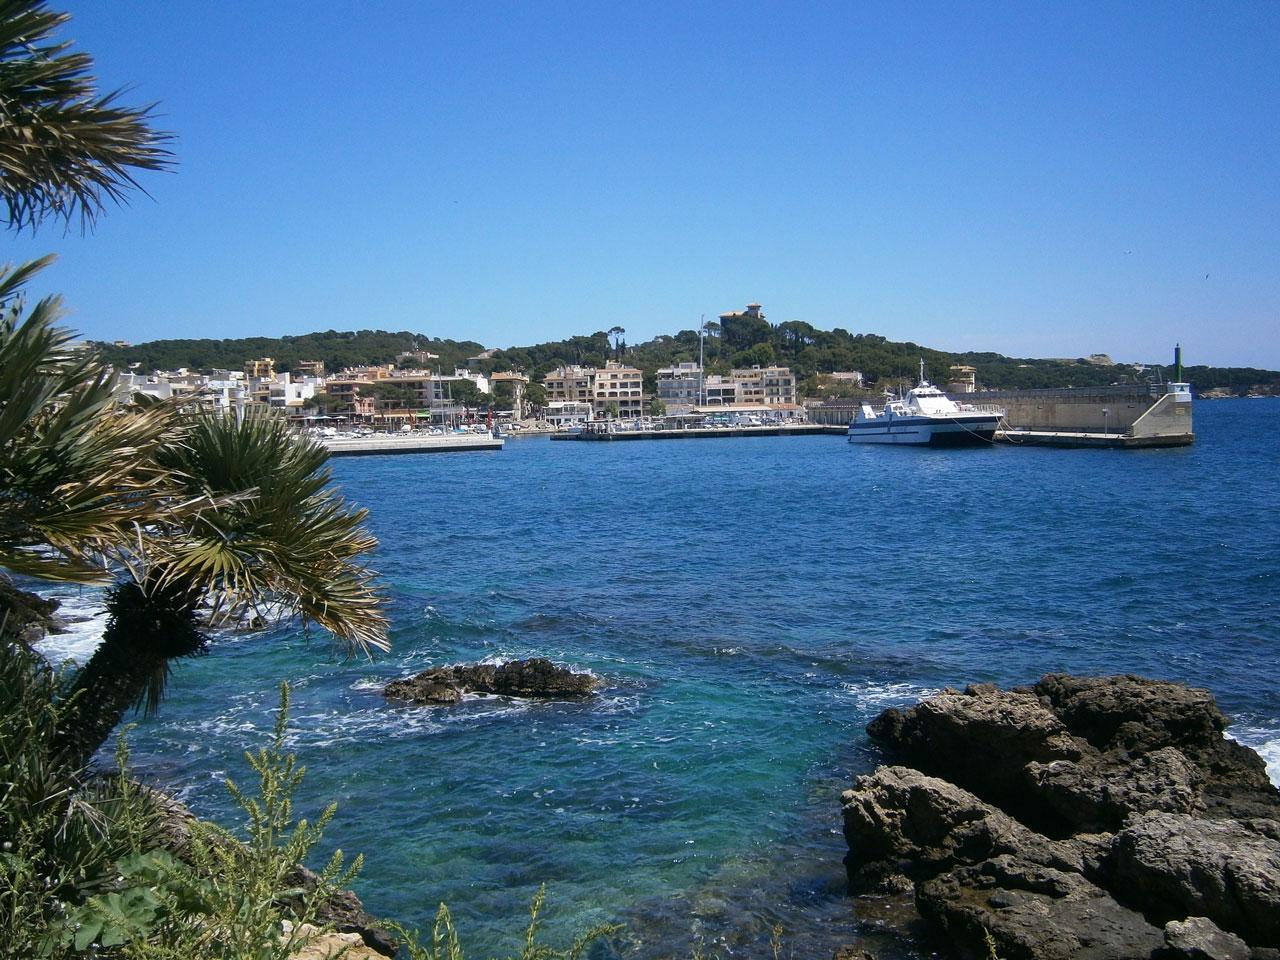 Der Hafen von Cala Rajada auf Mallorca.